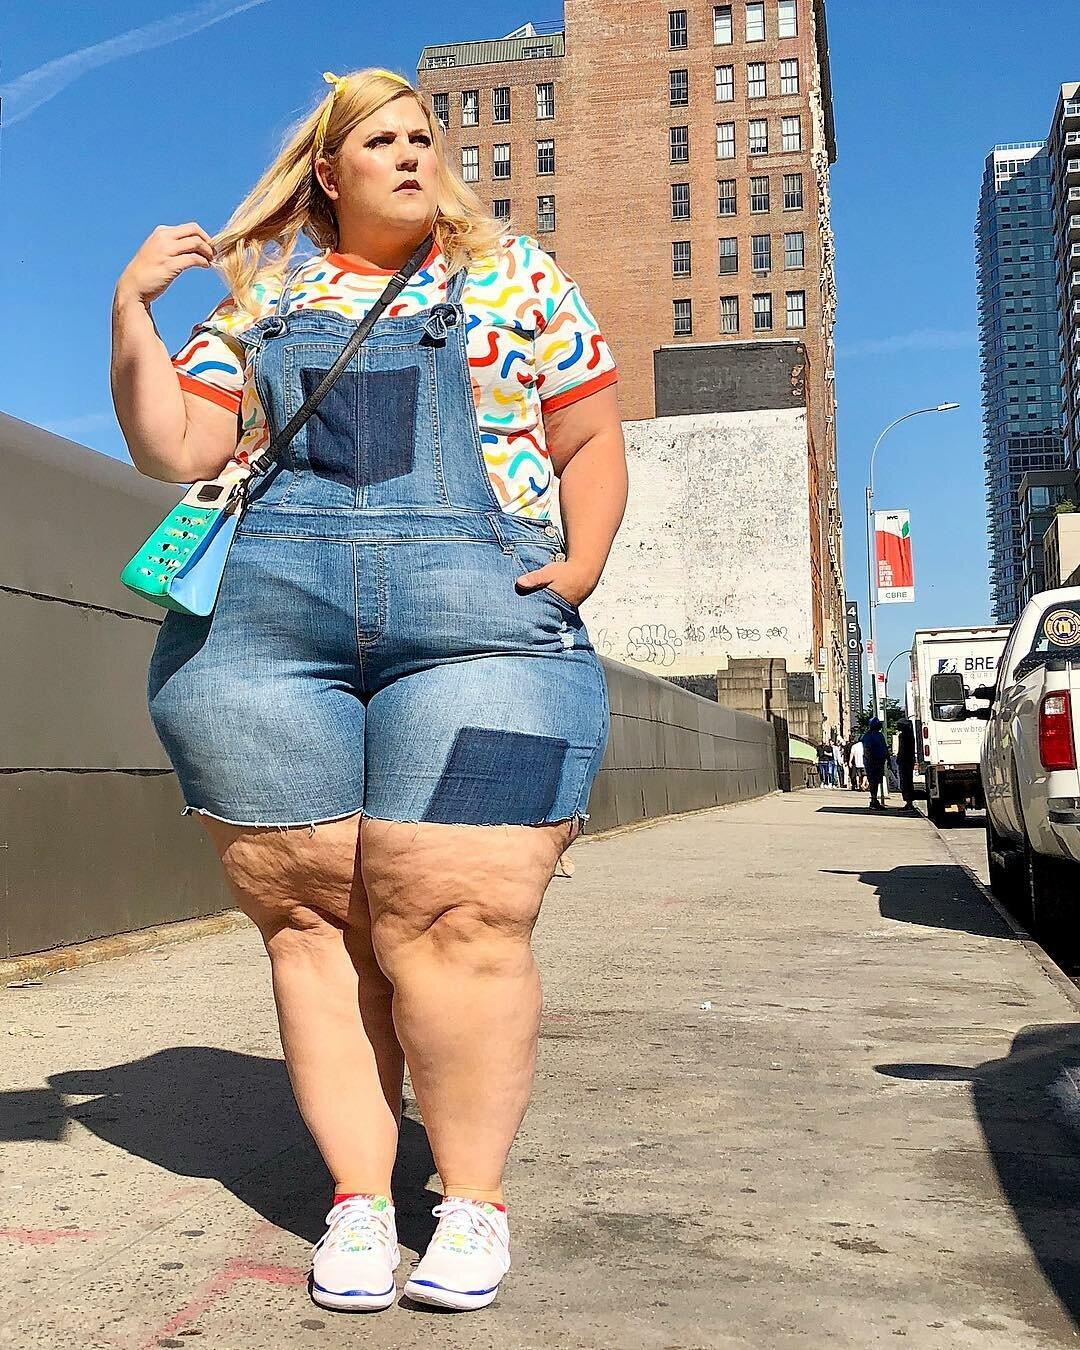 kHAnxMkkVp8 - Модная модель Gillette Venus: бодипозитив или пропаганда ожирения